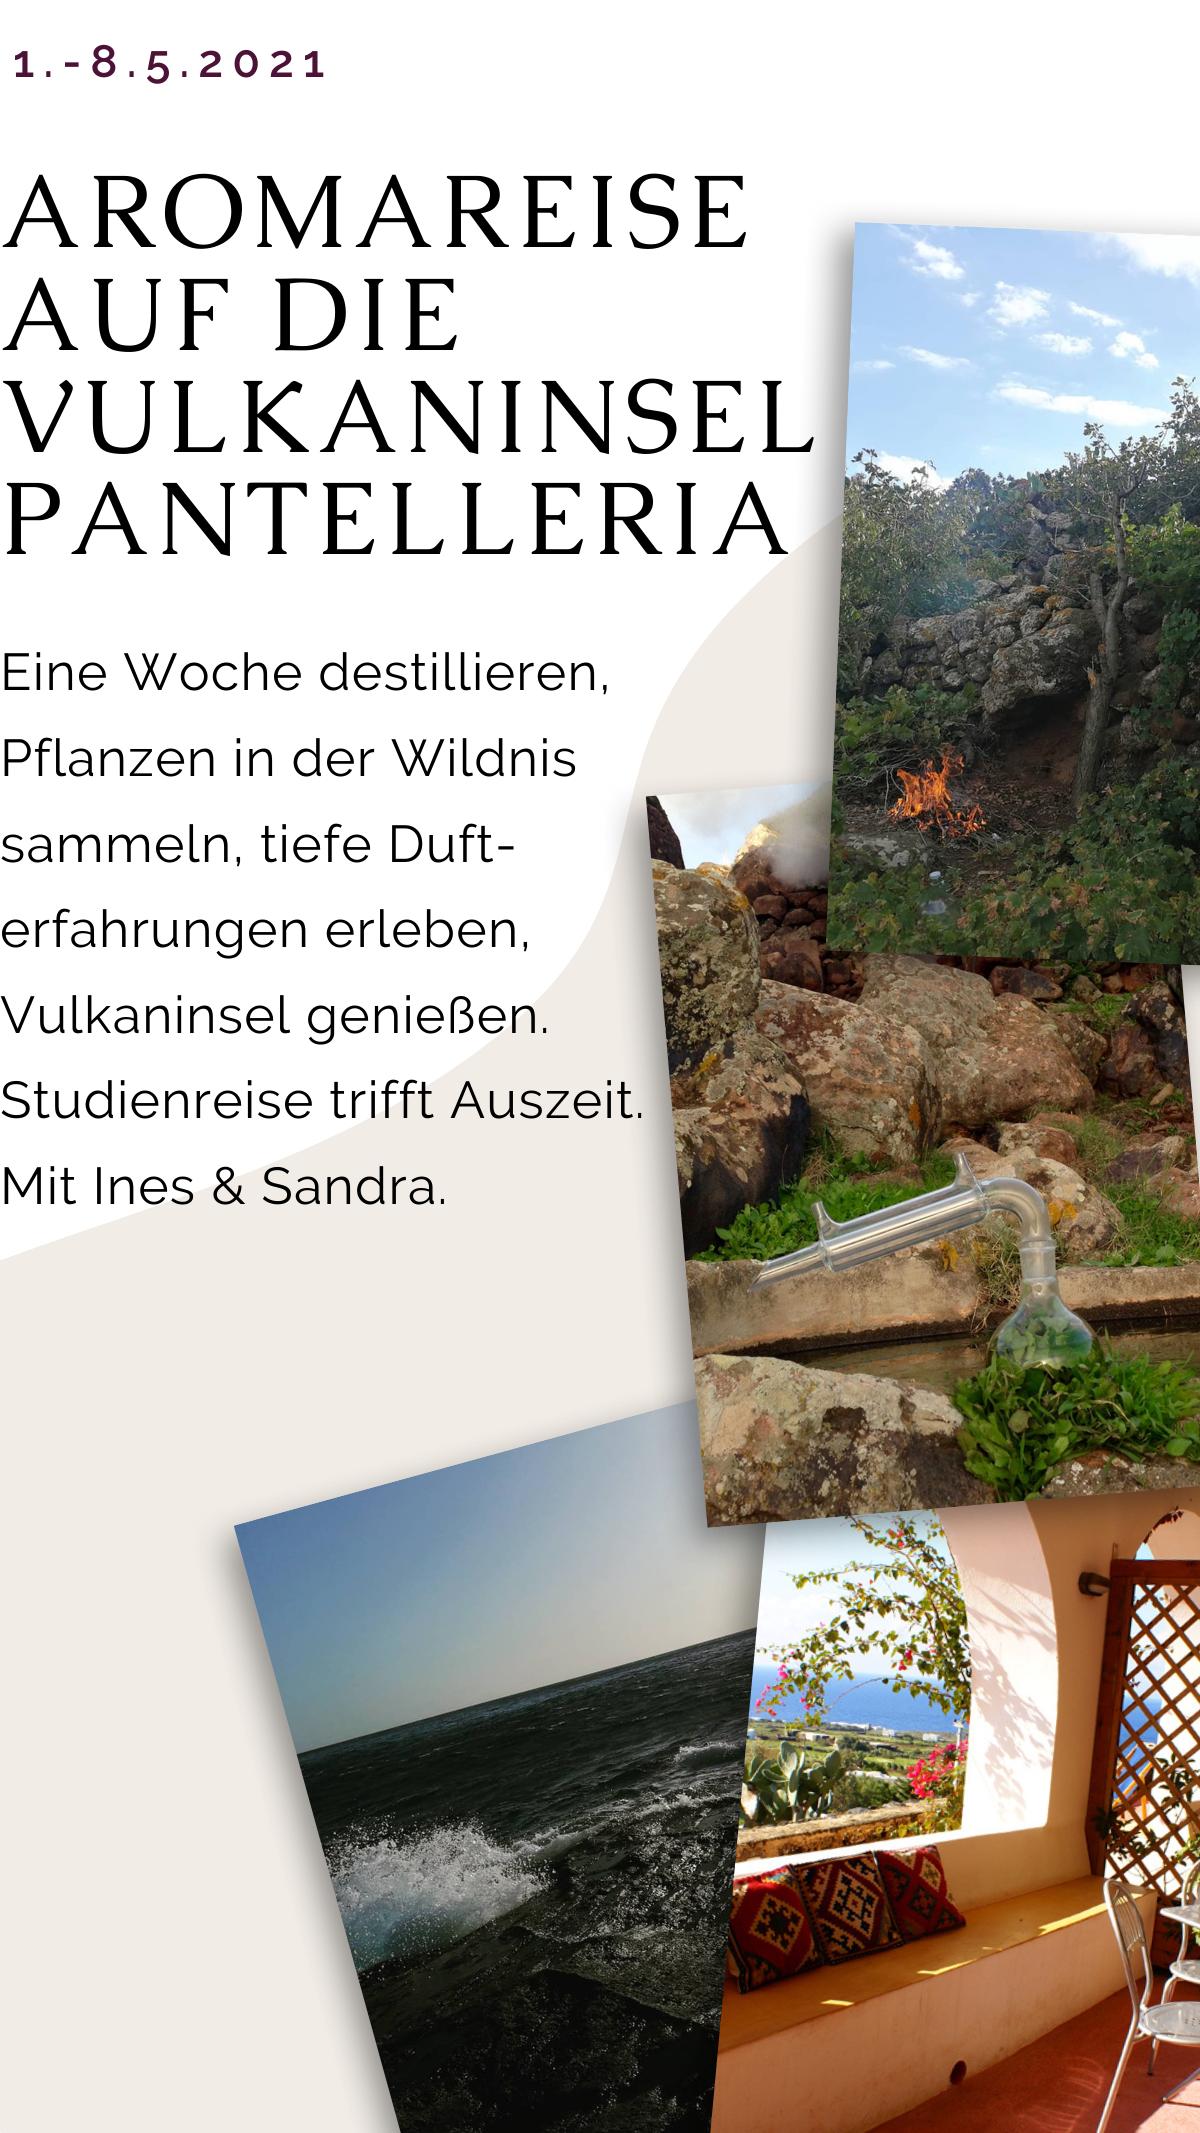 Aromareise auf die Vulkaninsel Pantelleria vom 1. bis 5. Mai 2021